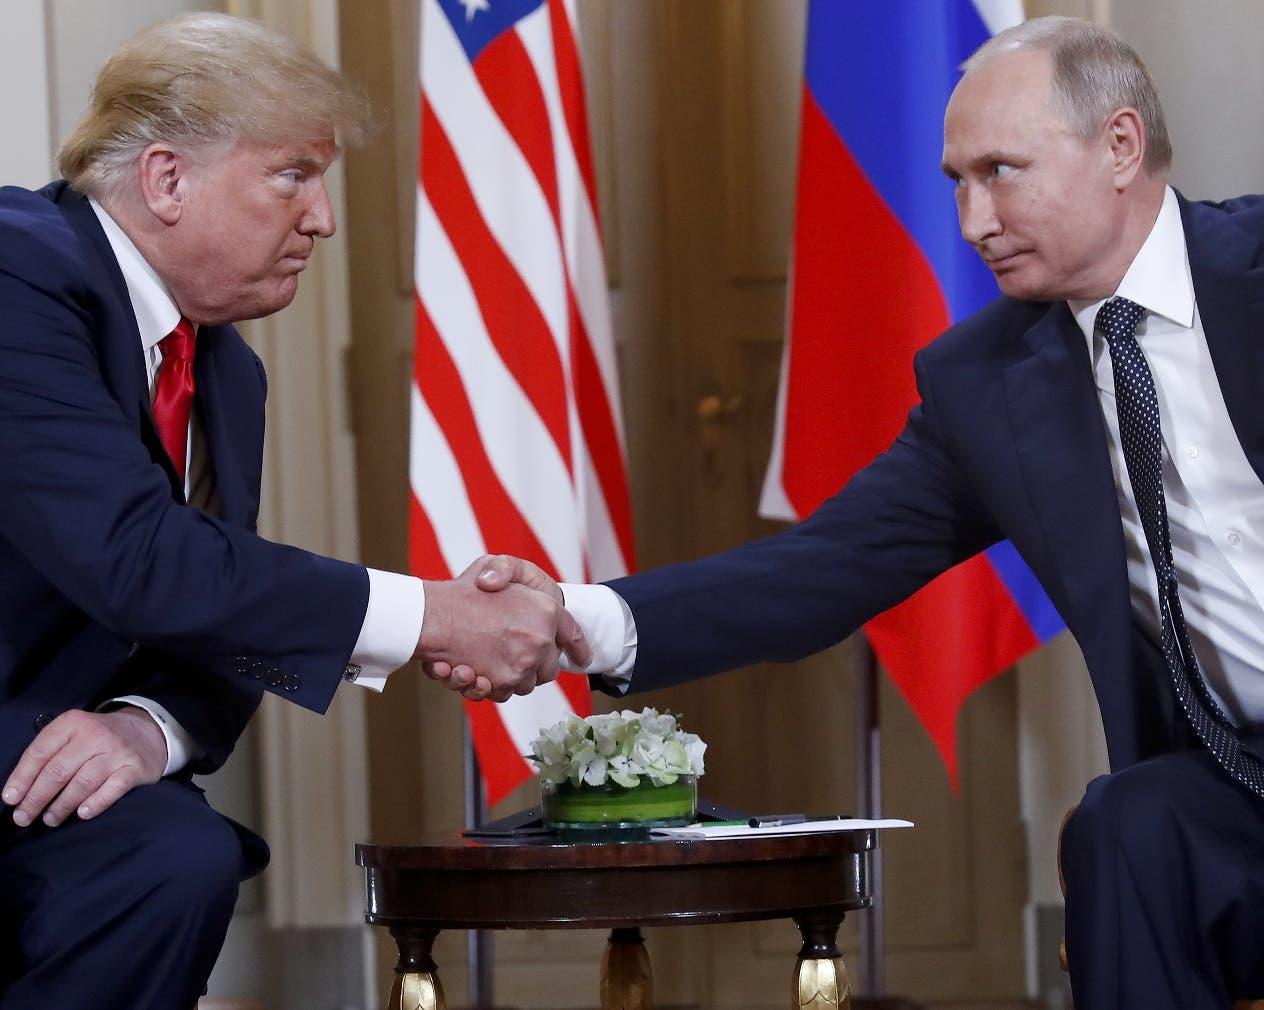 Donald Trump recibió una ola  de críticas respecto a su comportamiento con Vladimir Putin.